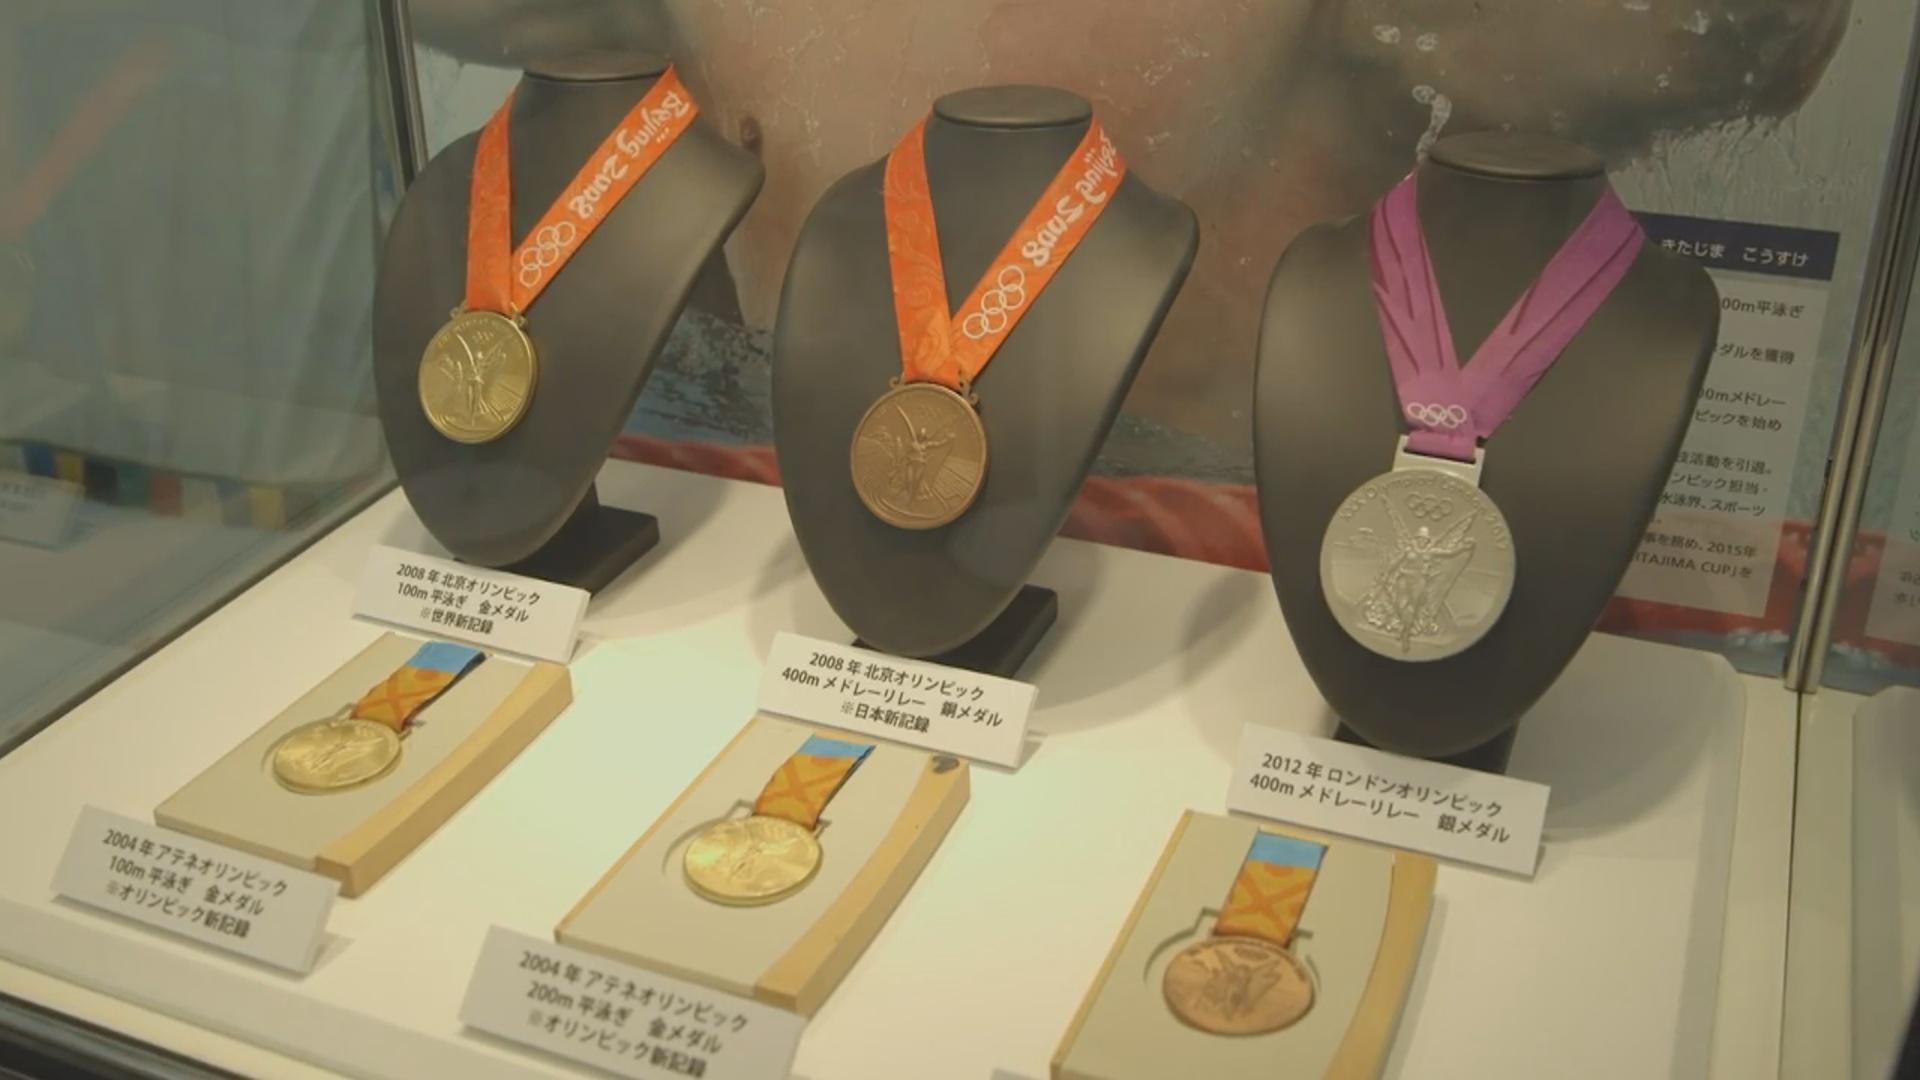 Elektron tullantılardan Tokio Olimpiadası üçün medallar hazırlanacaq